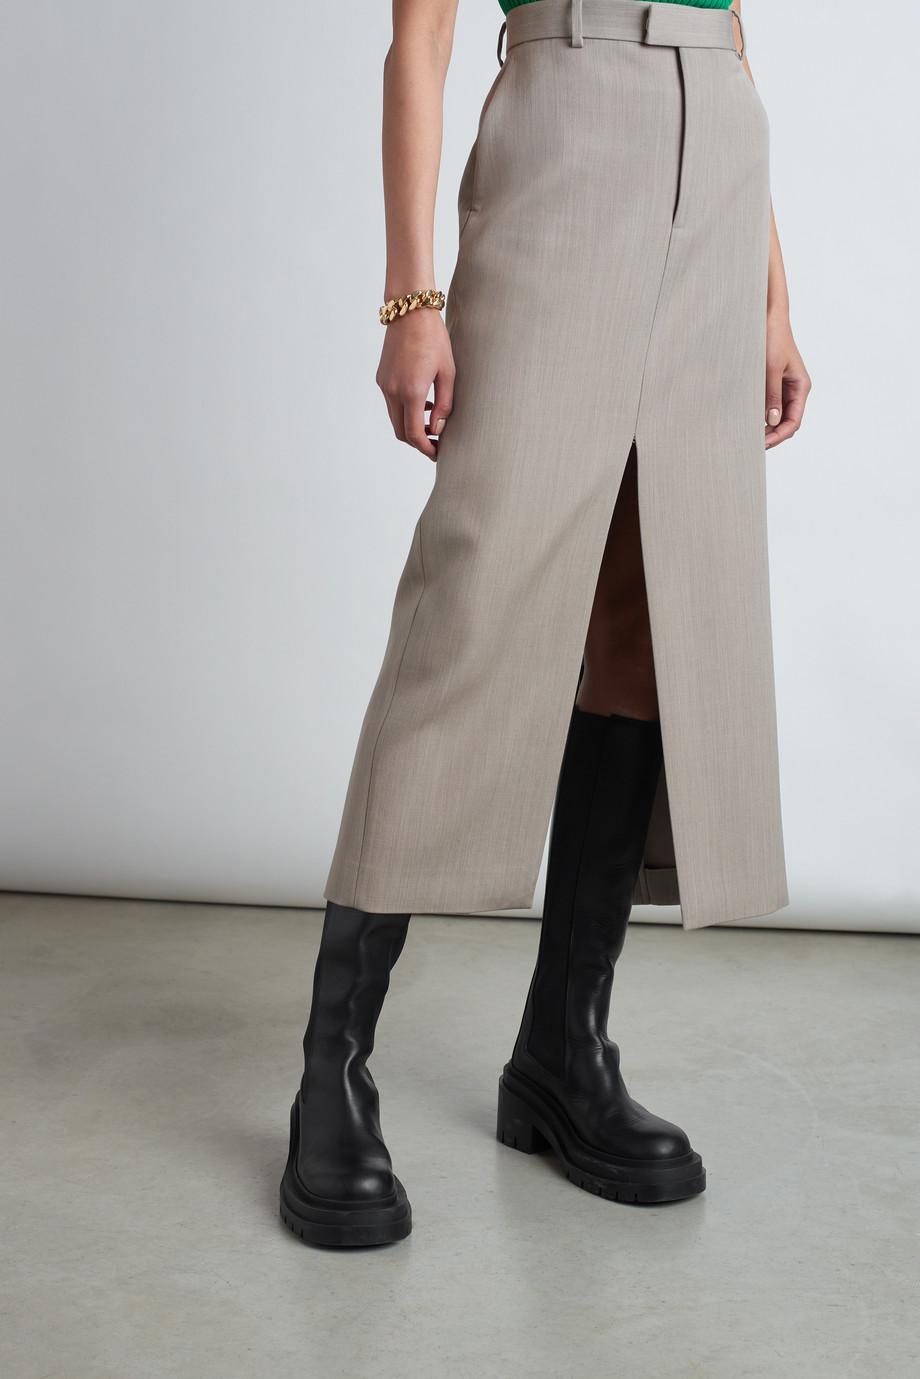 Bottega Veneta Leather knee boots